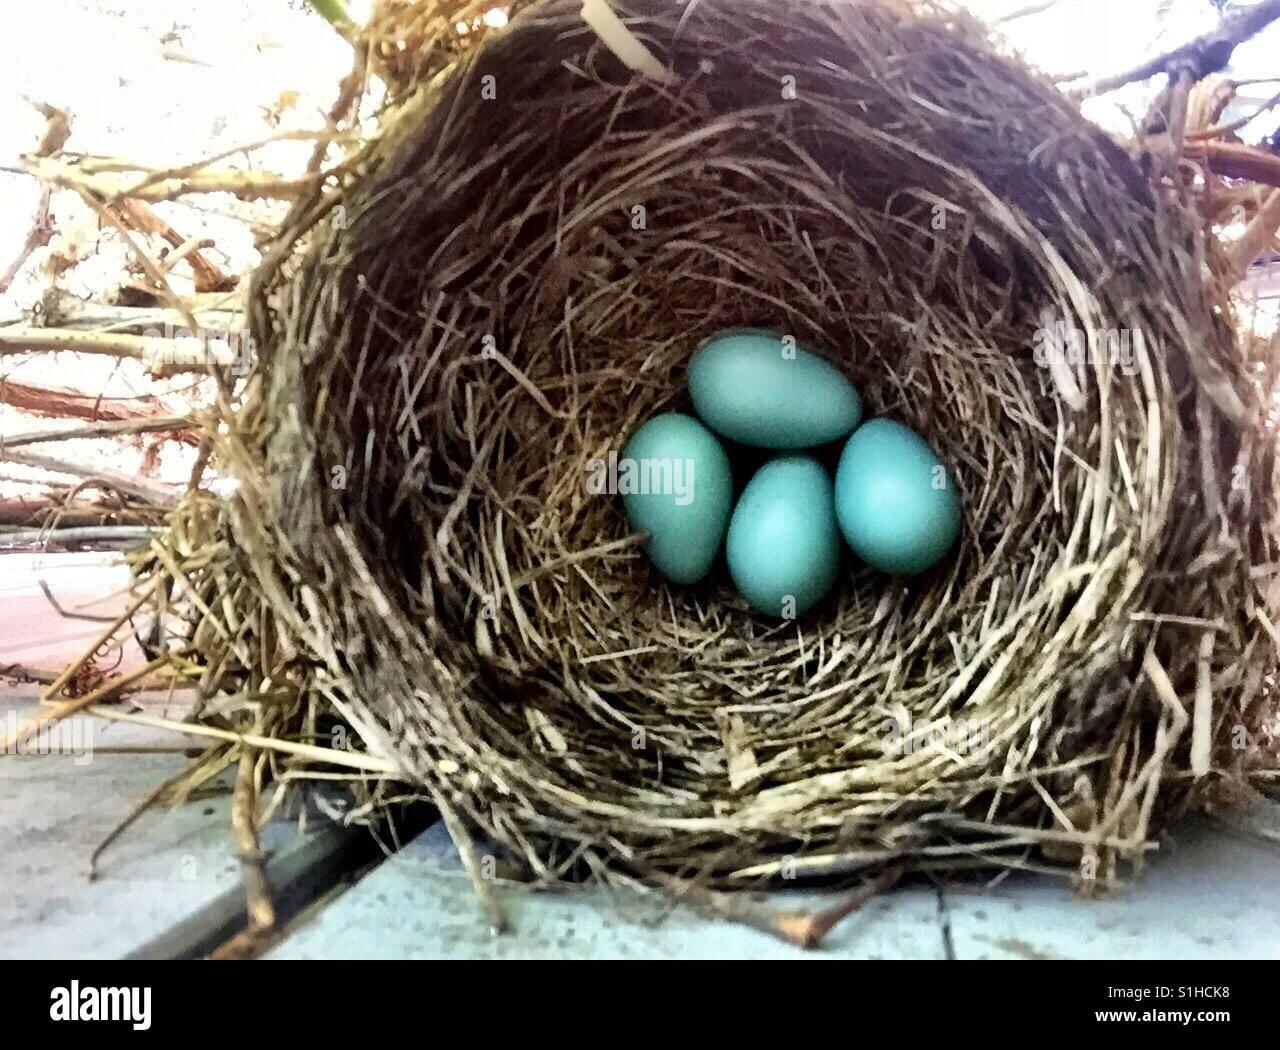 Eine perfekte Vogelnest hält vier Robin Ei blauen Eiern. Stockbild